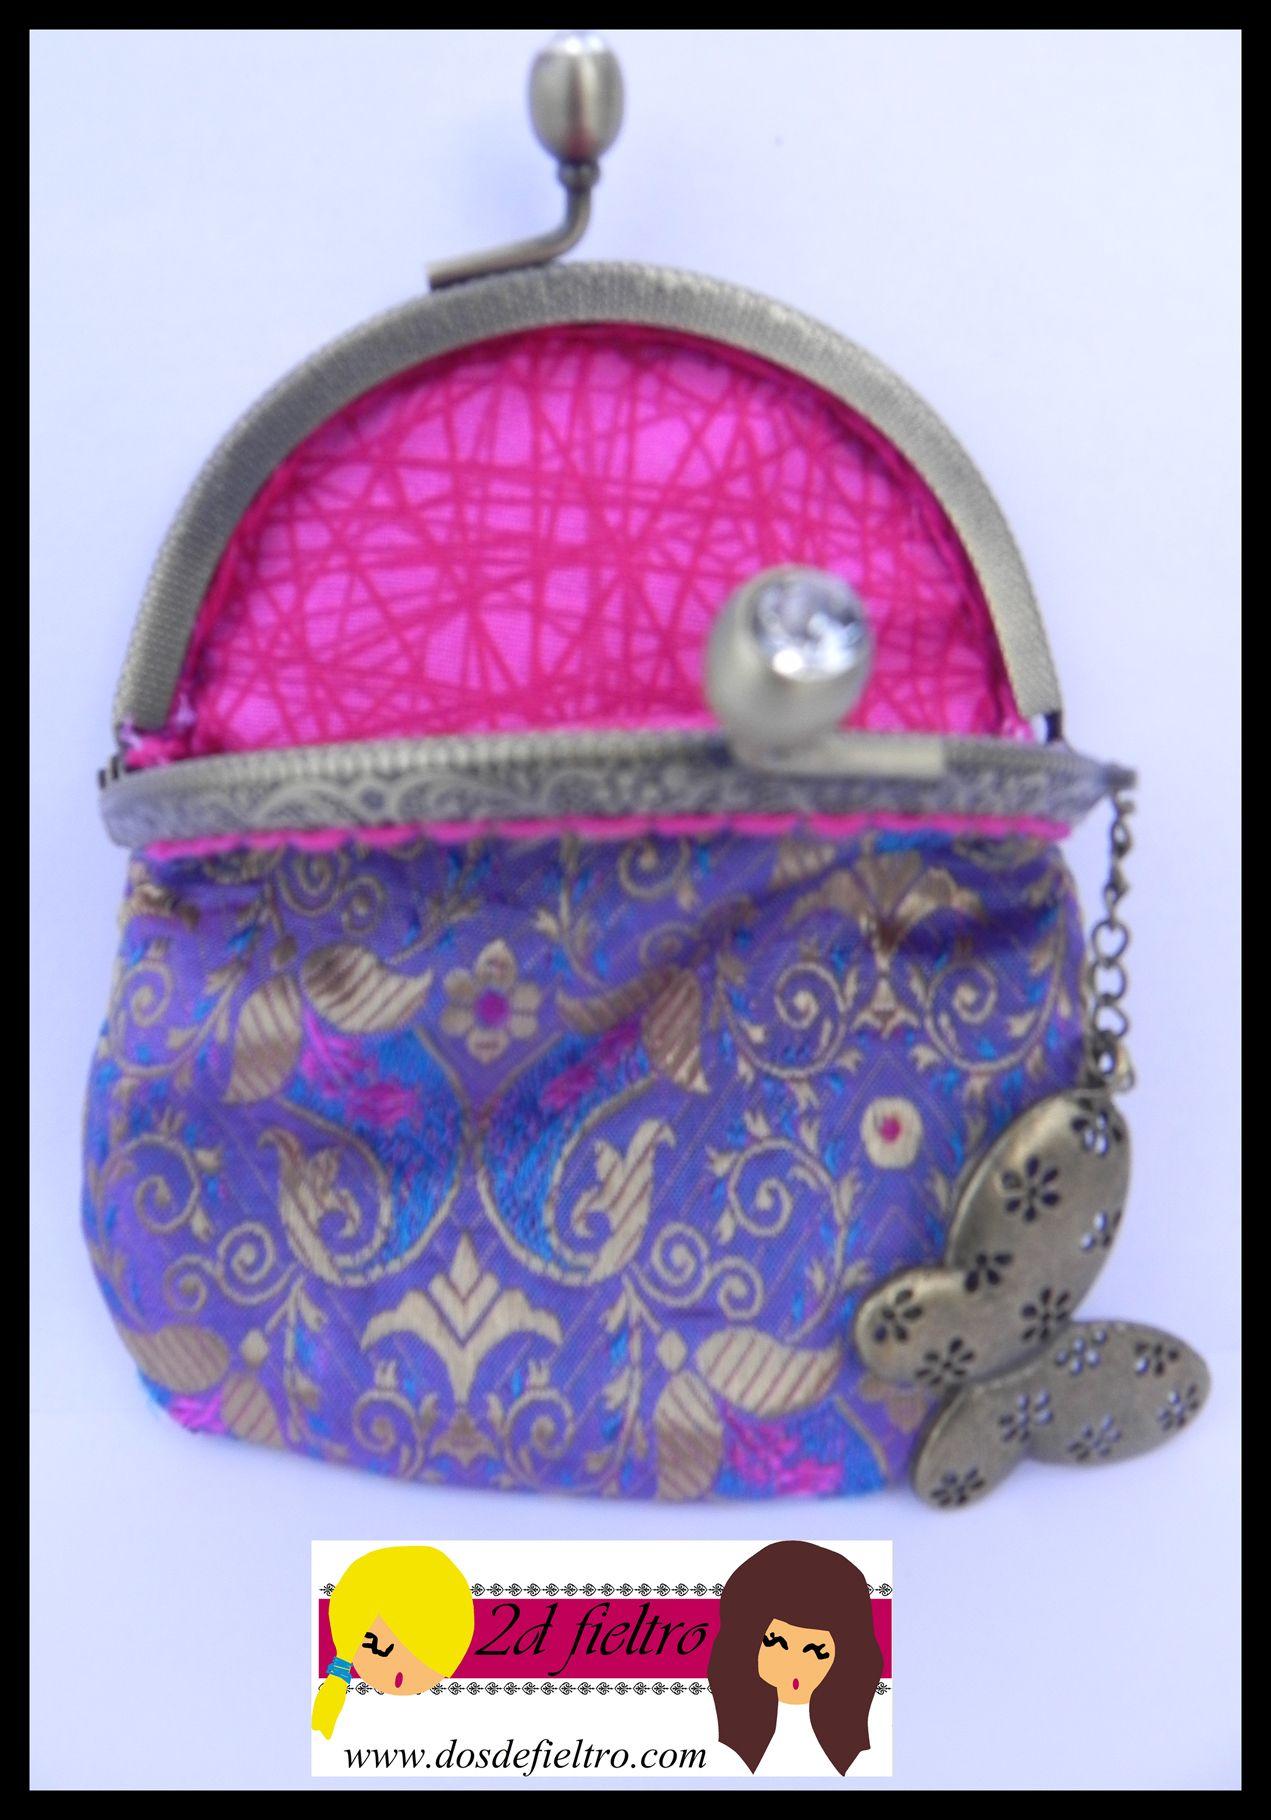 7aabec9fb monedero boquilla metalica redonda con adorno strass. Tela exterior de seda  tonos rosas, morados, azules y dorados. tela interior rosa y fucsia